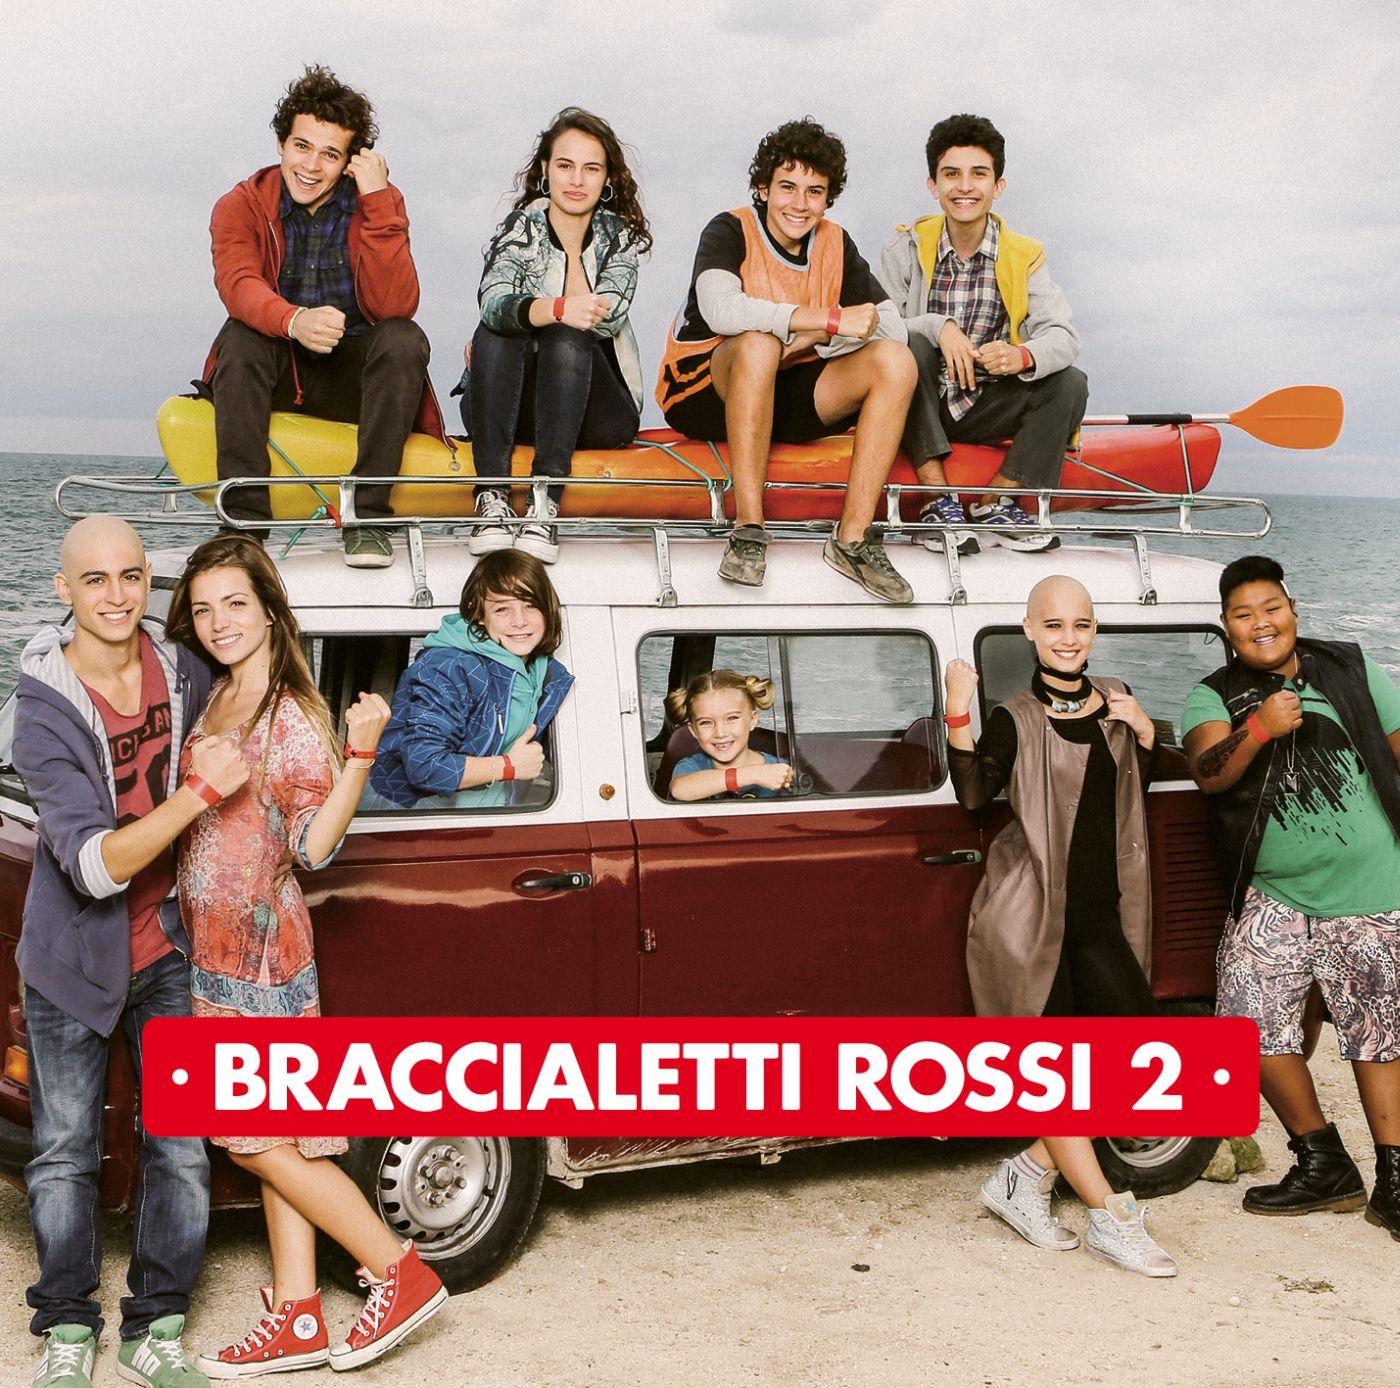 SPECIALE FICTIONERÒ: BRACCIALETTI ROSSI 2 (RAI 1) Cover-Braccialetti-Rossi-2_M